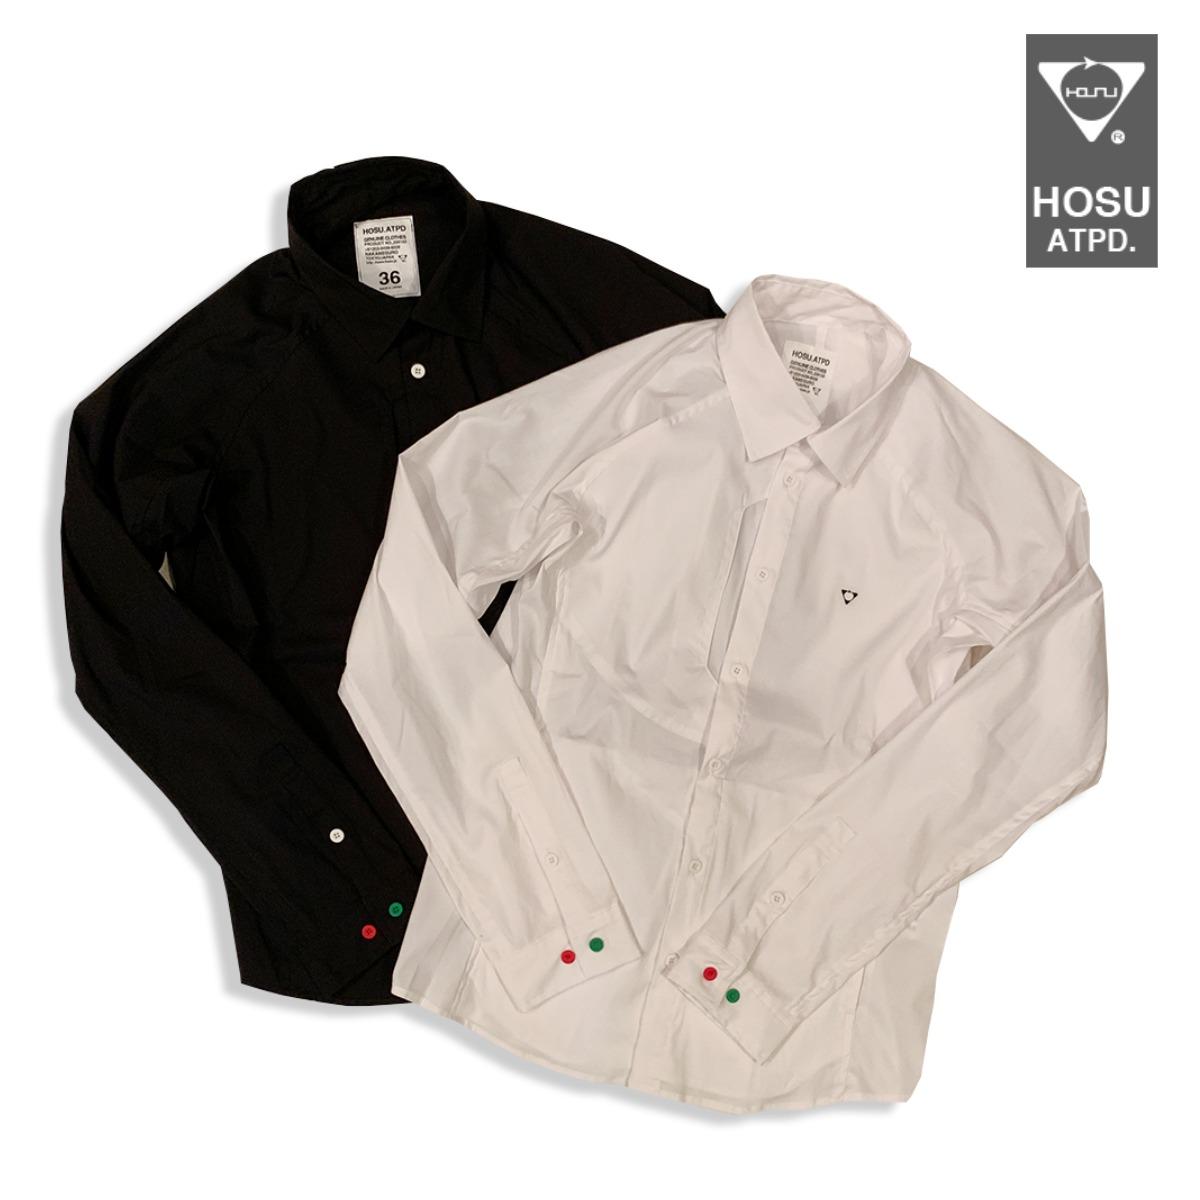 HOSU Stretch L/S Shirt ホス ストレッチシャツWhite,Black 2色4サイズ